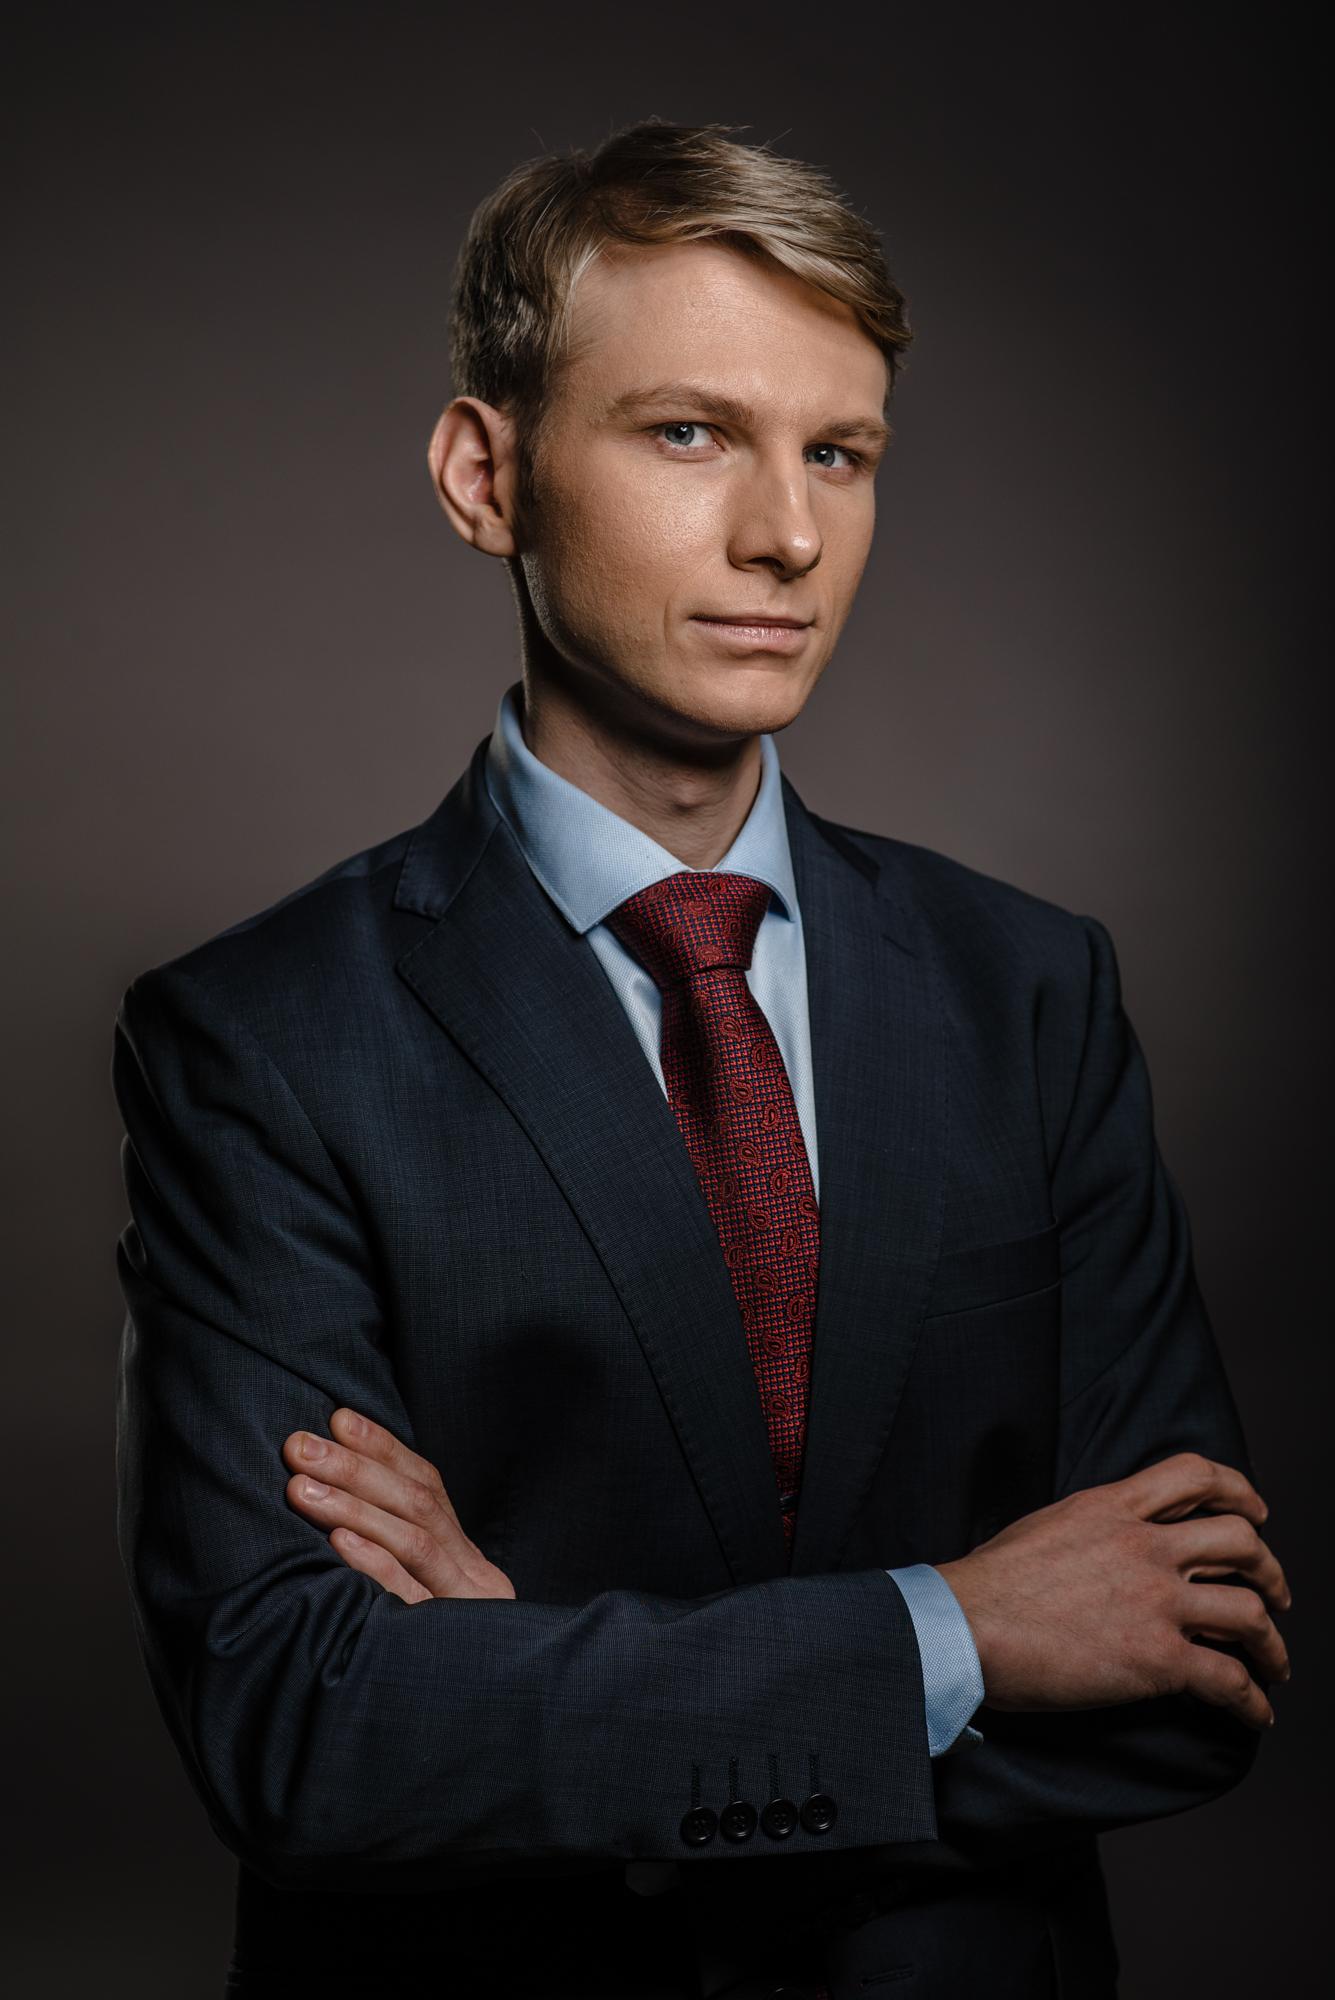 004 деловой портрет